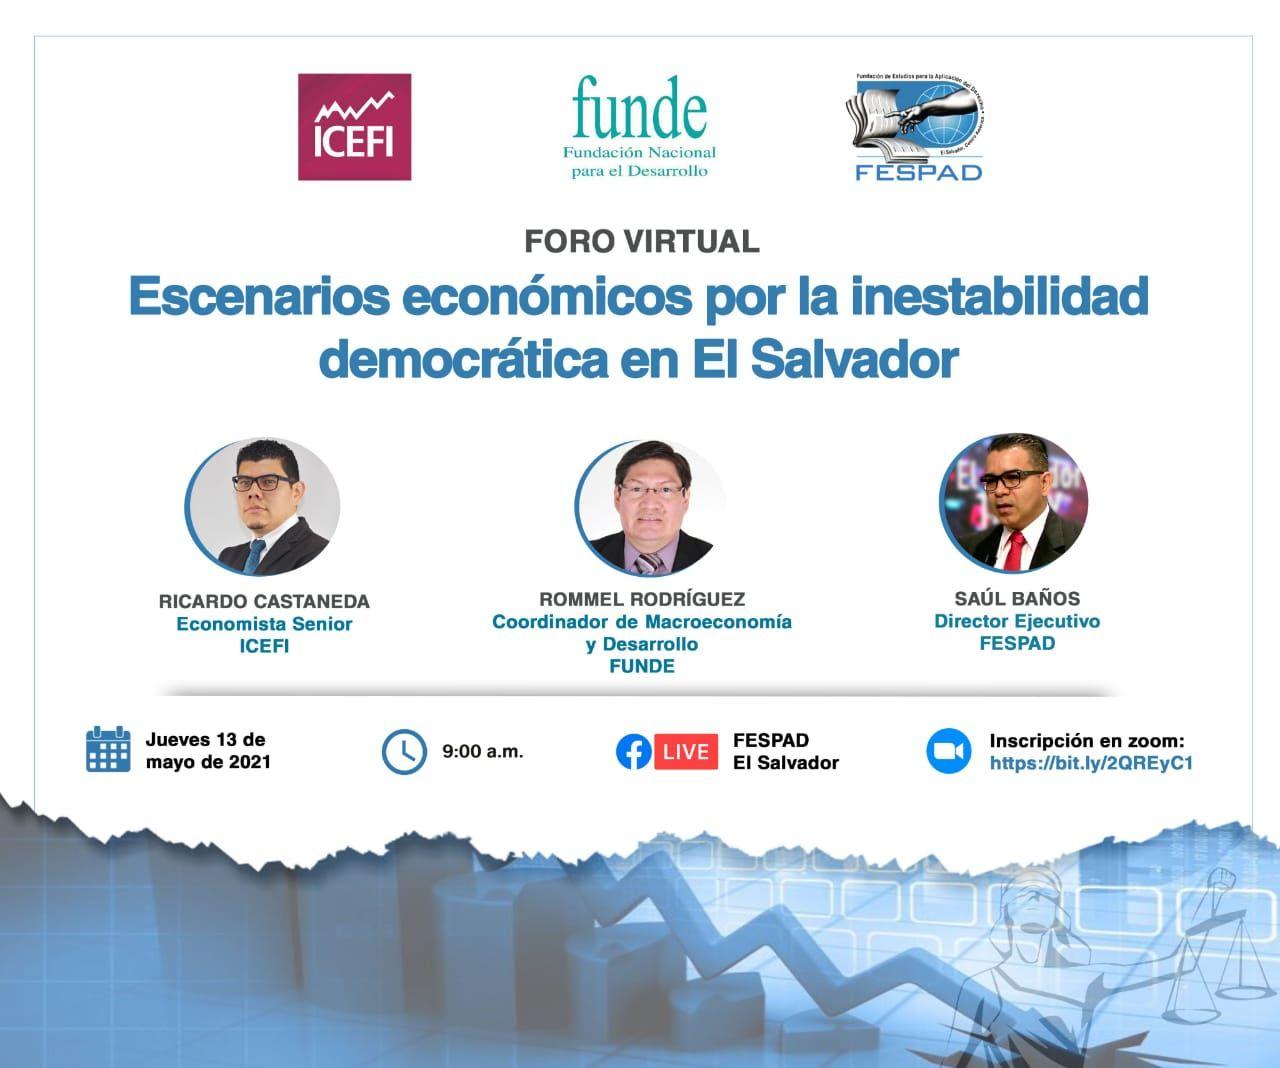 Foro virtual: Escenarios económicos por la inestabilidad democrática en El Salvador